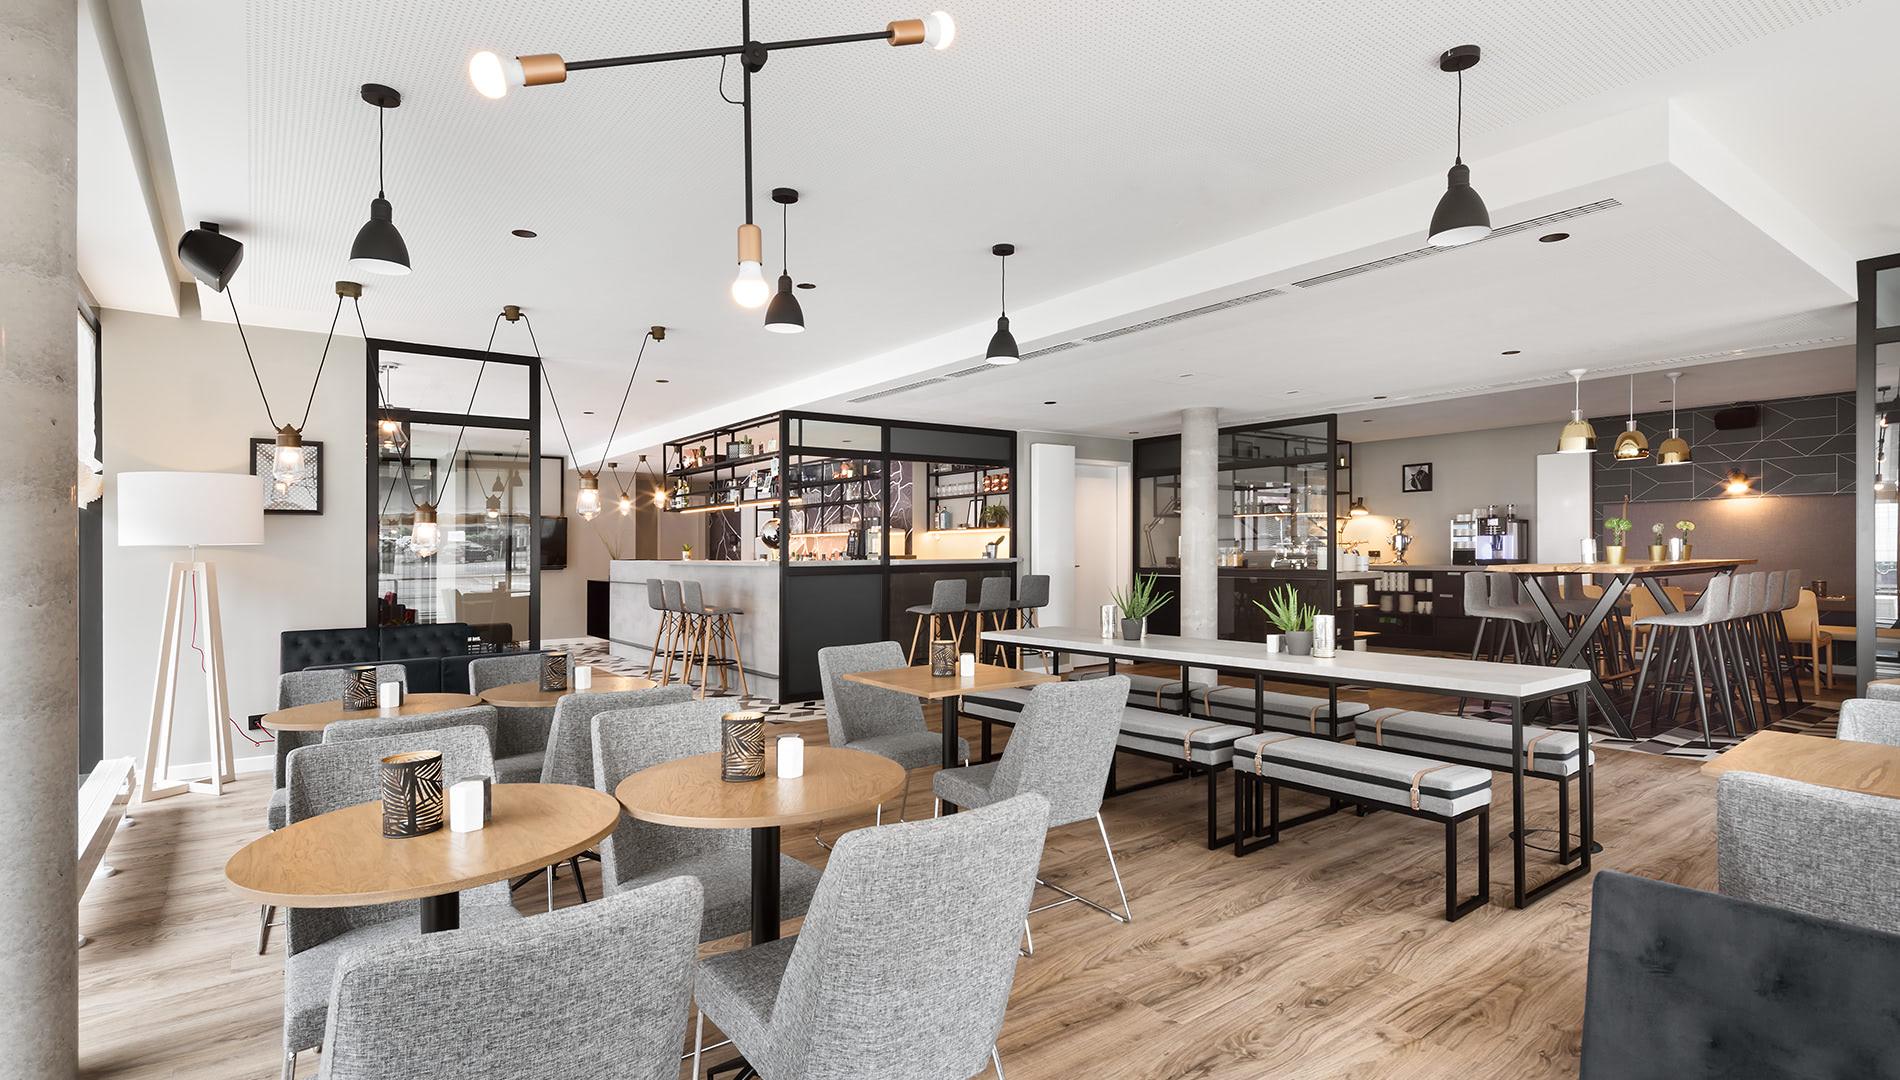 Destinationsentwicklung Boutique Hotels by Centro Hamburg Dortmund Hotel Design Restaurant Going Places